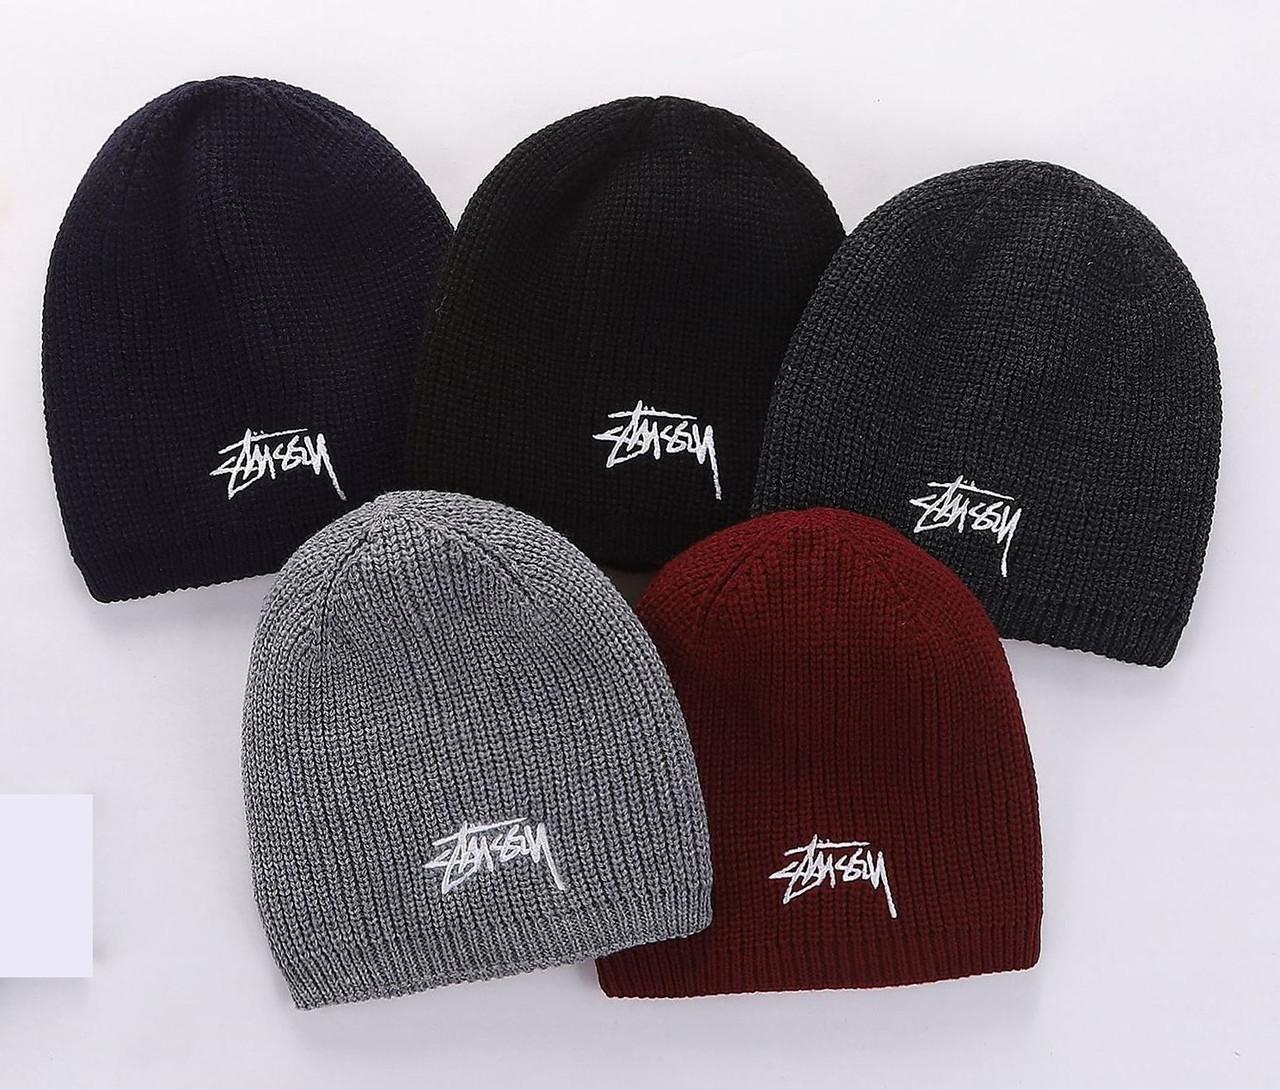 Шапка Stussy для взрослых и подростков шапки стусси